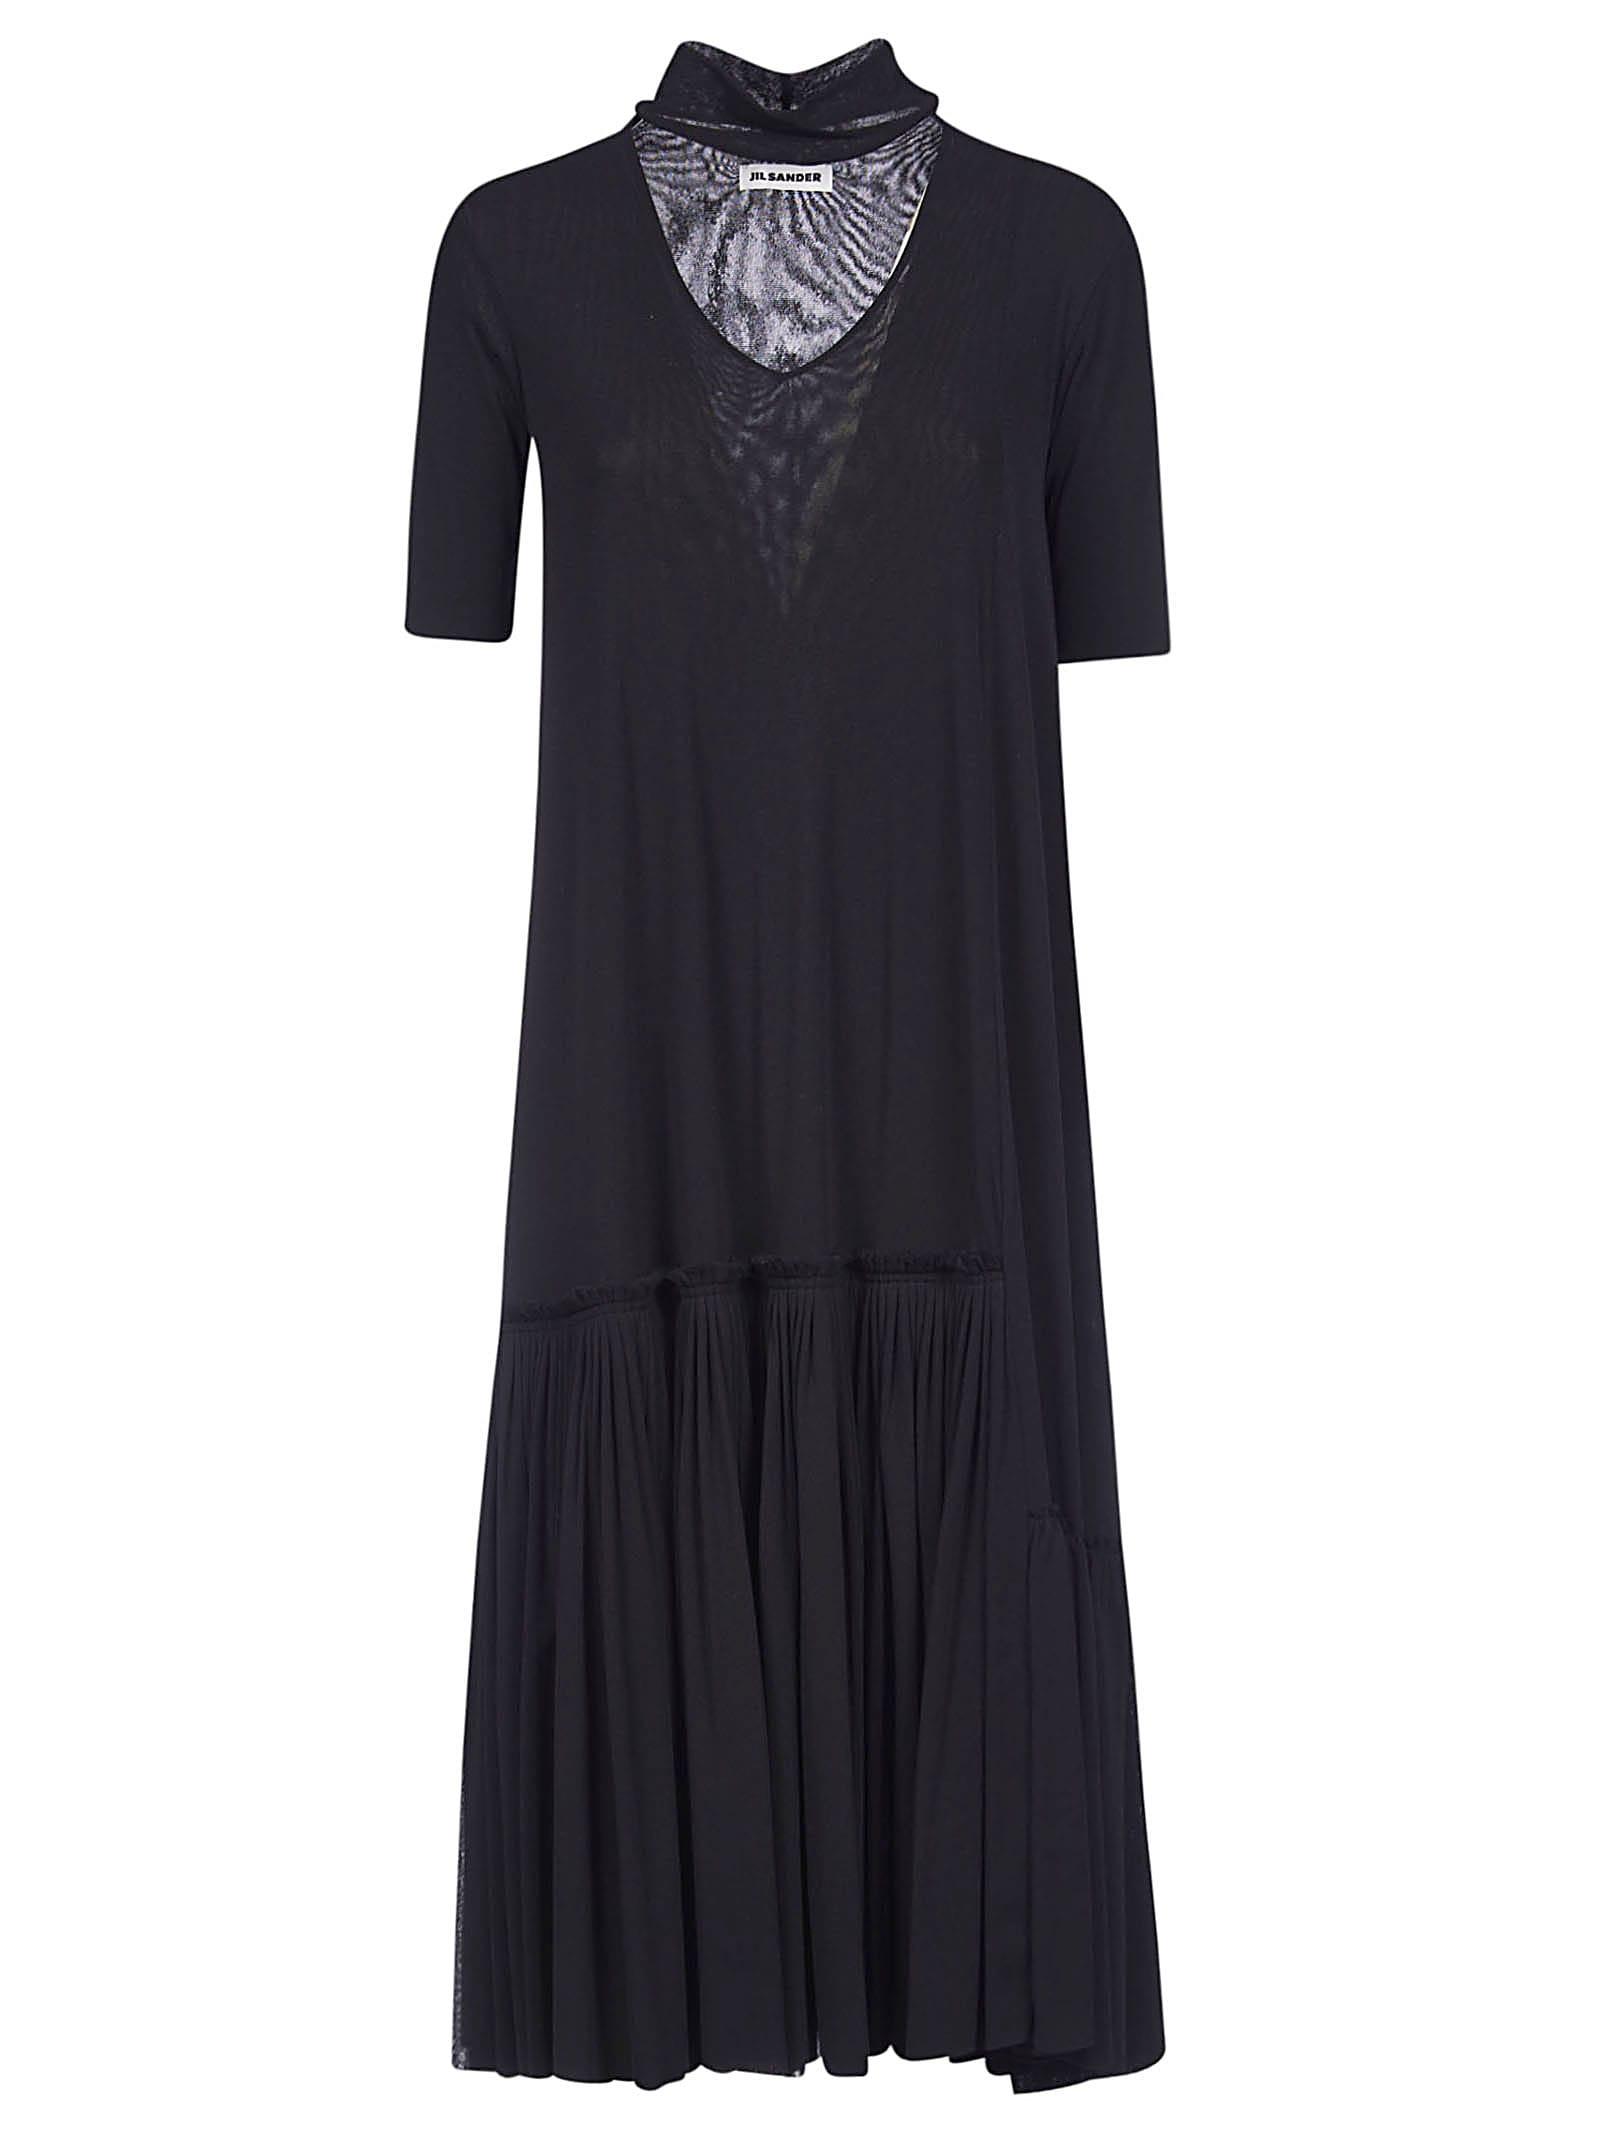 Buy Jil Sander Short-sleeve Turtleneck Dress online, shop Jil Sander with free shipping